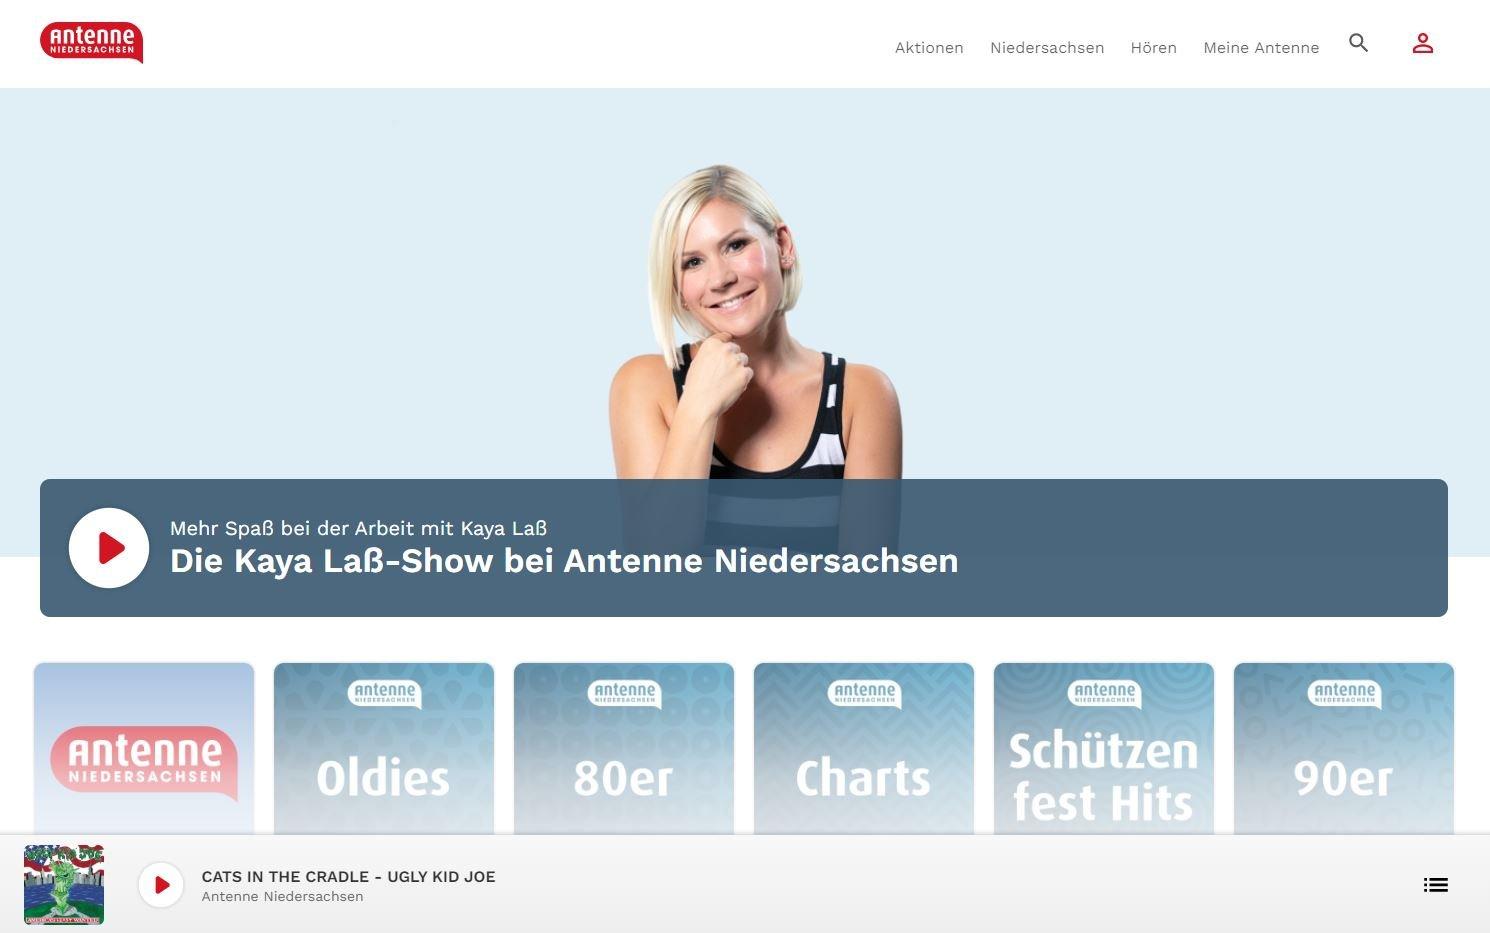 antenne_com